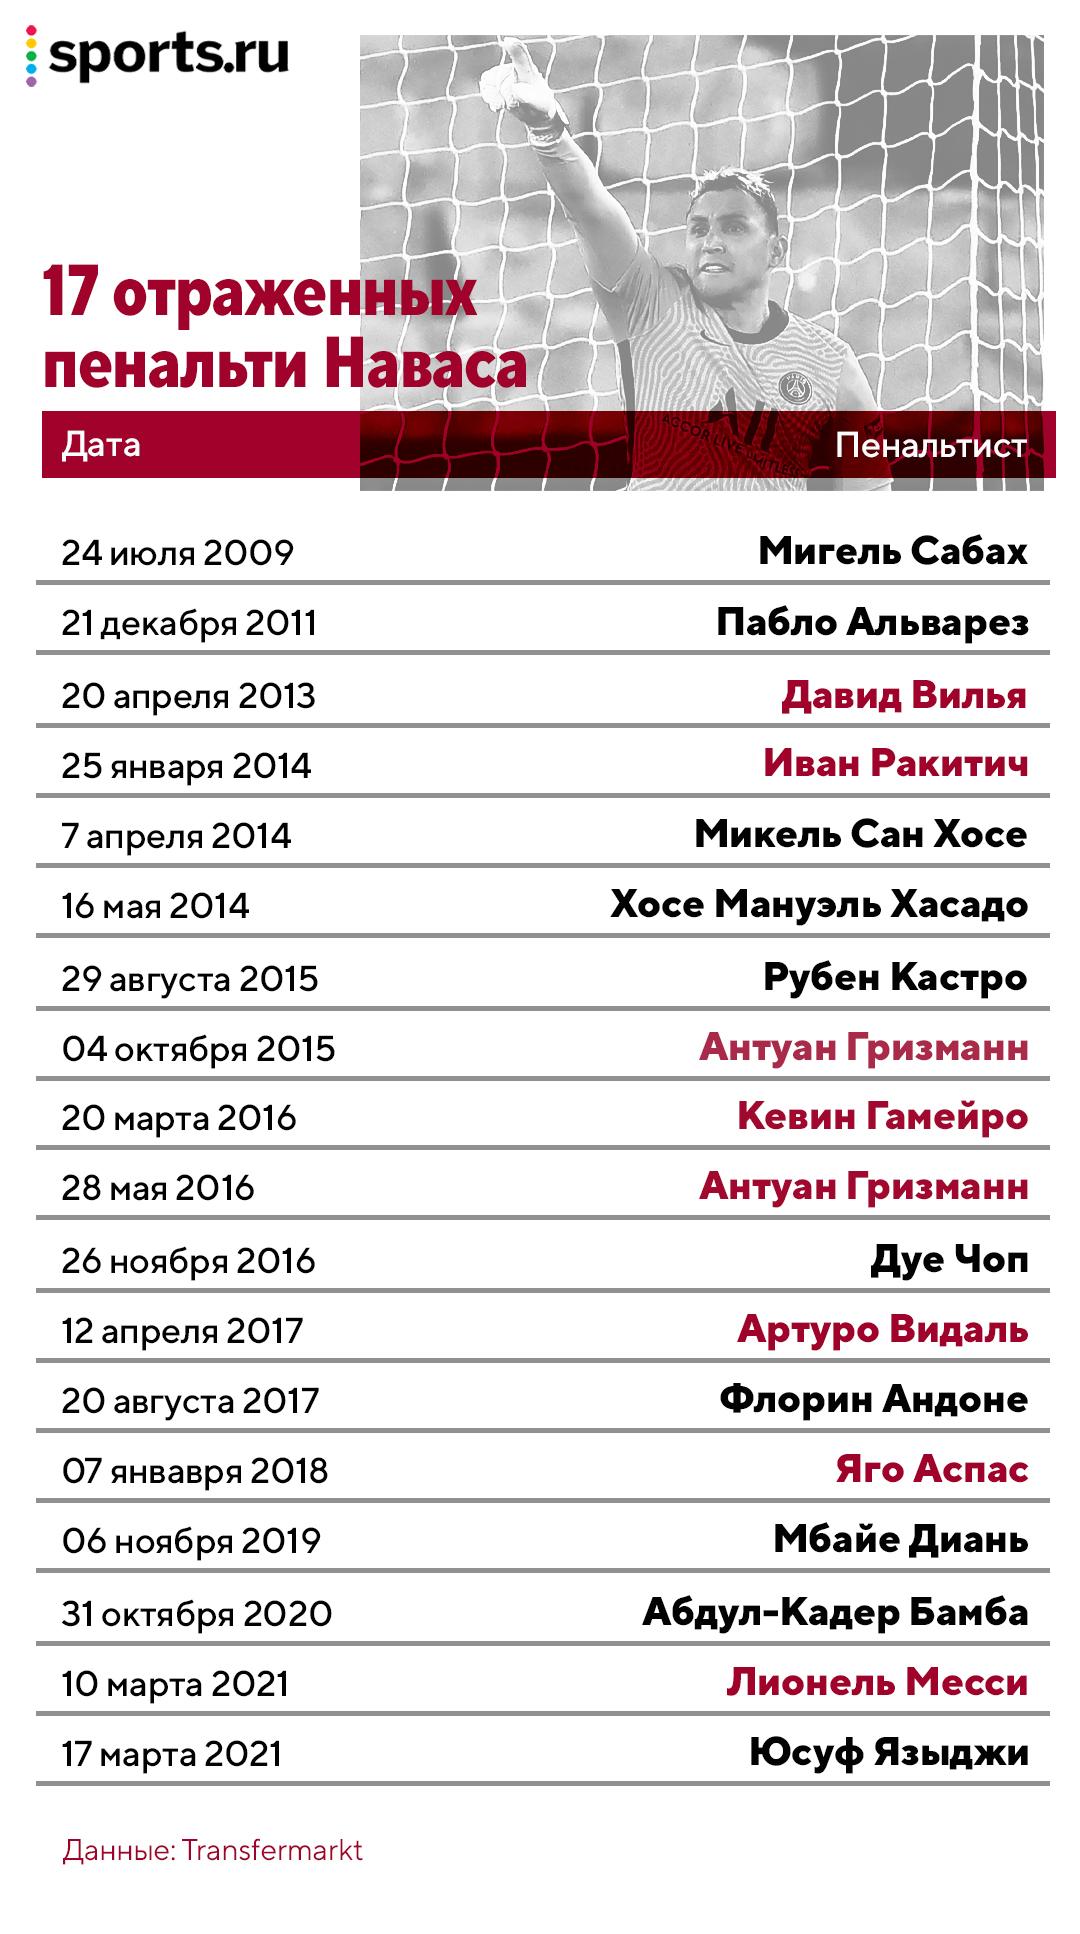 Безумная неделя Кейлора Наваса: сначала потащил пенальти Месси в ЛЧ, а сегодня отбил 11-метровый в Кубке Франции